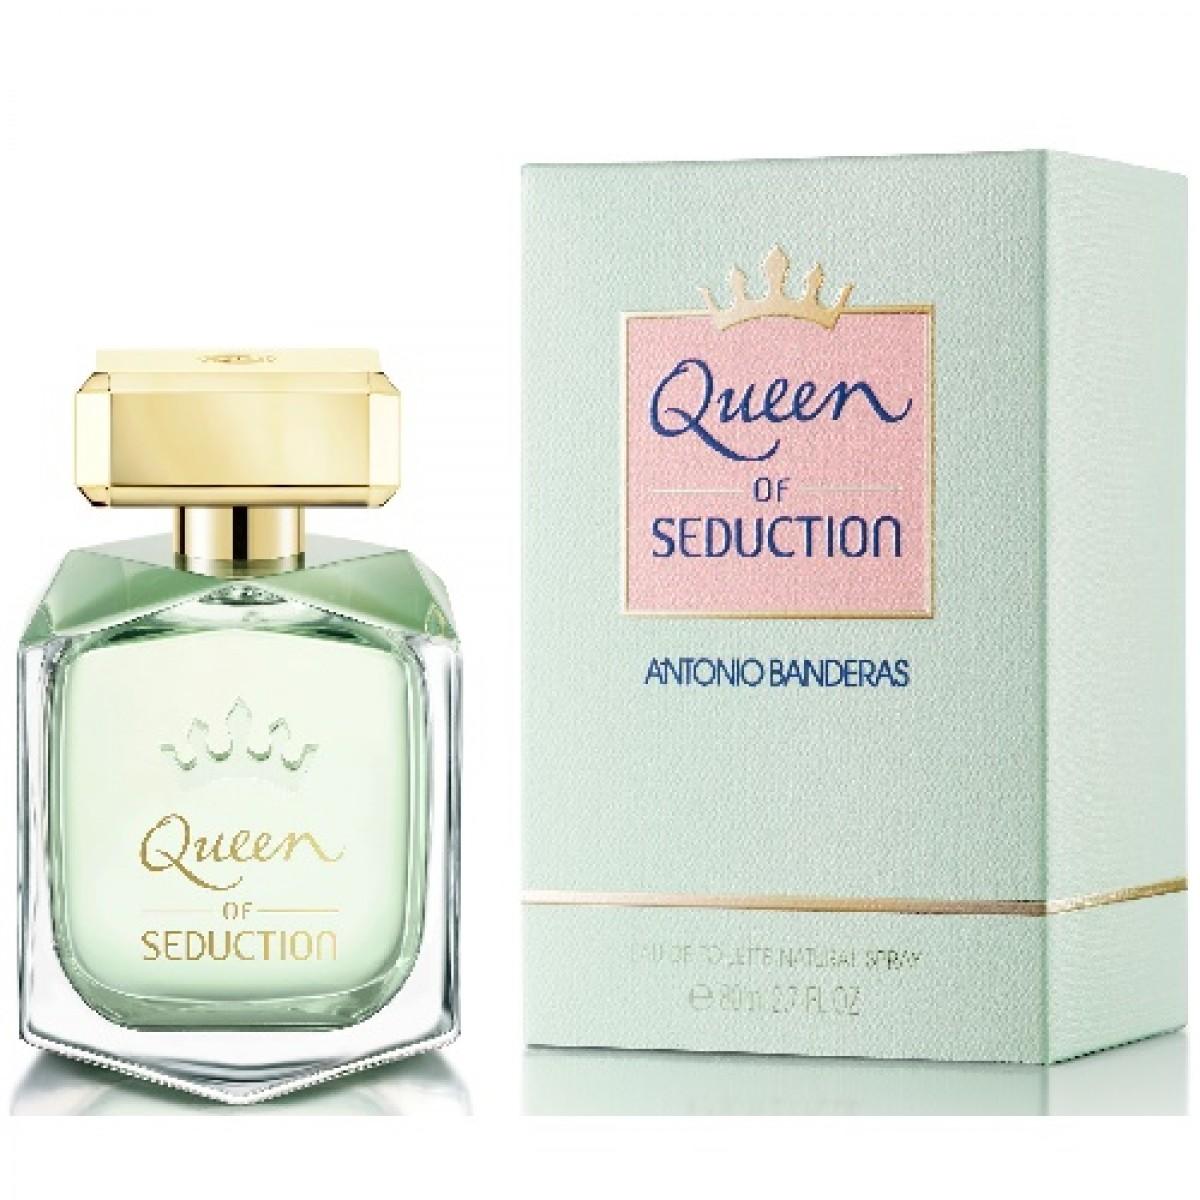 Antonio_Banderas_Queen_Of_Seduction_edt